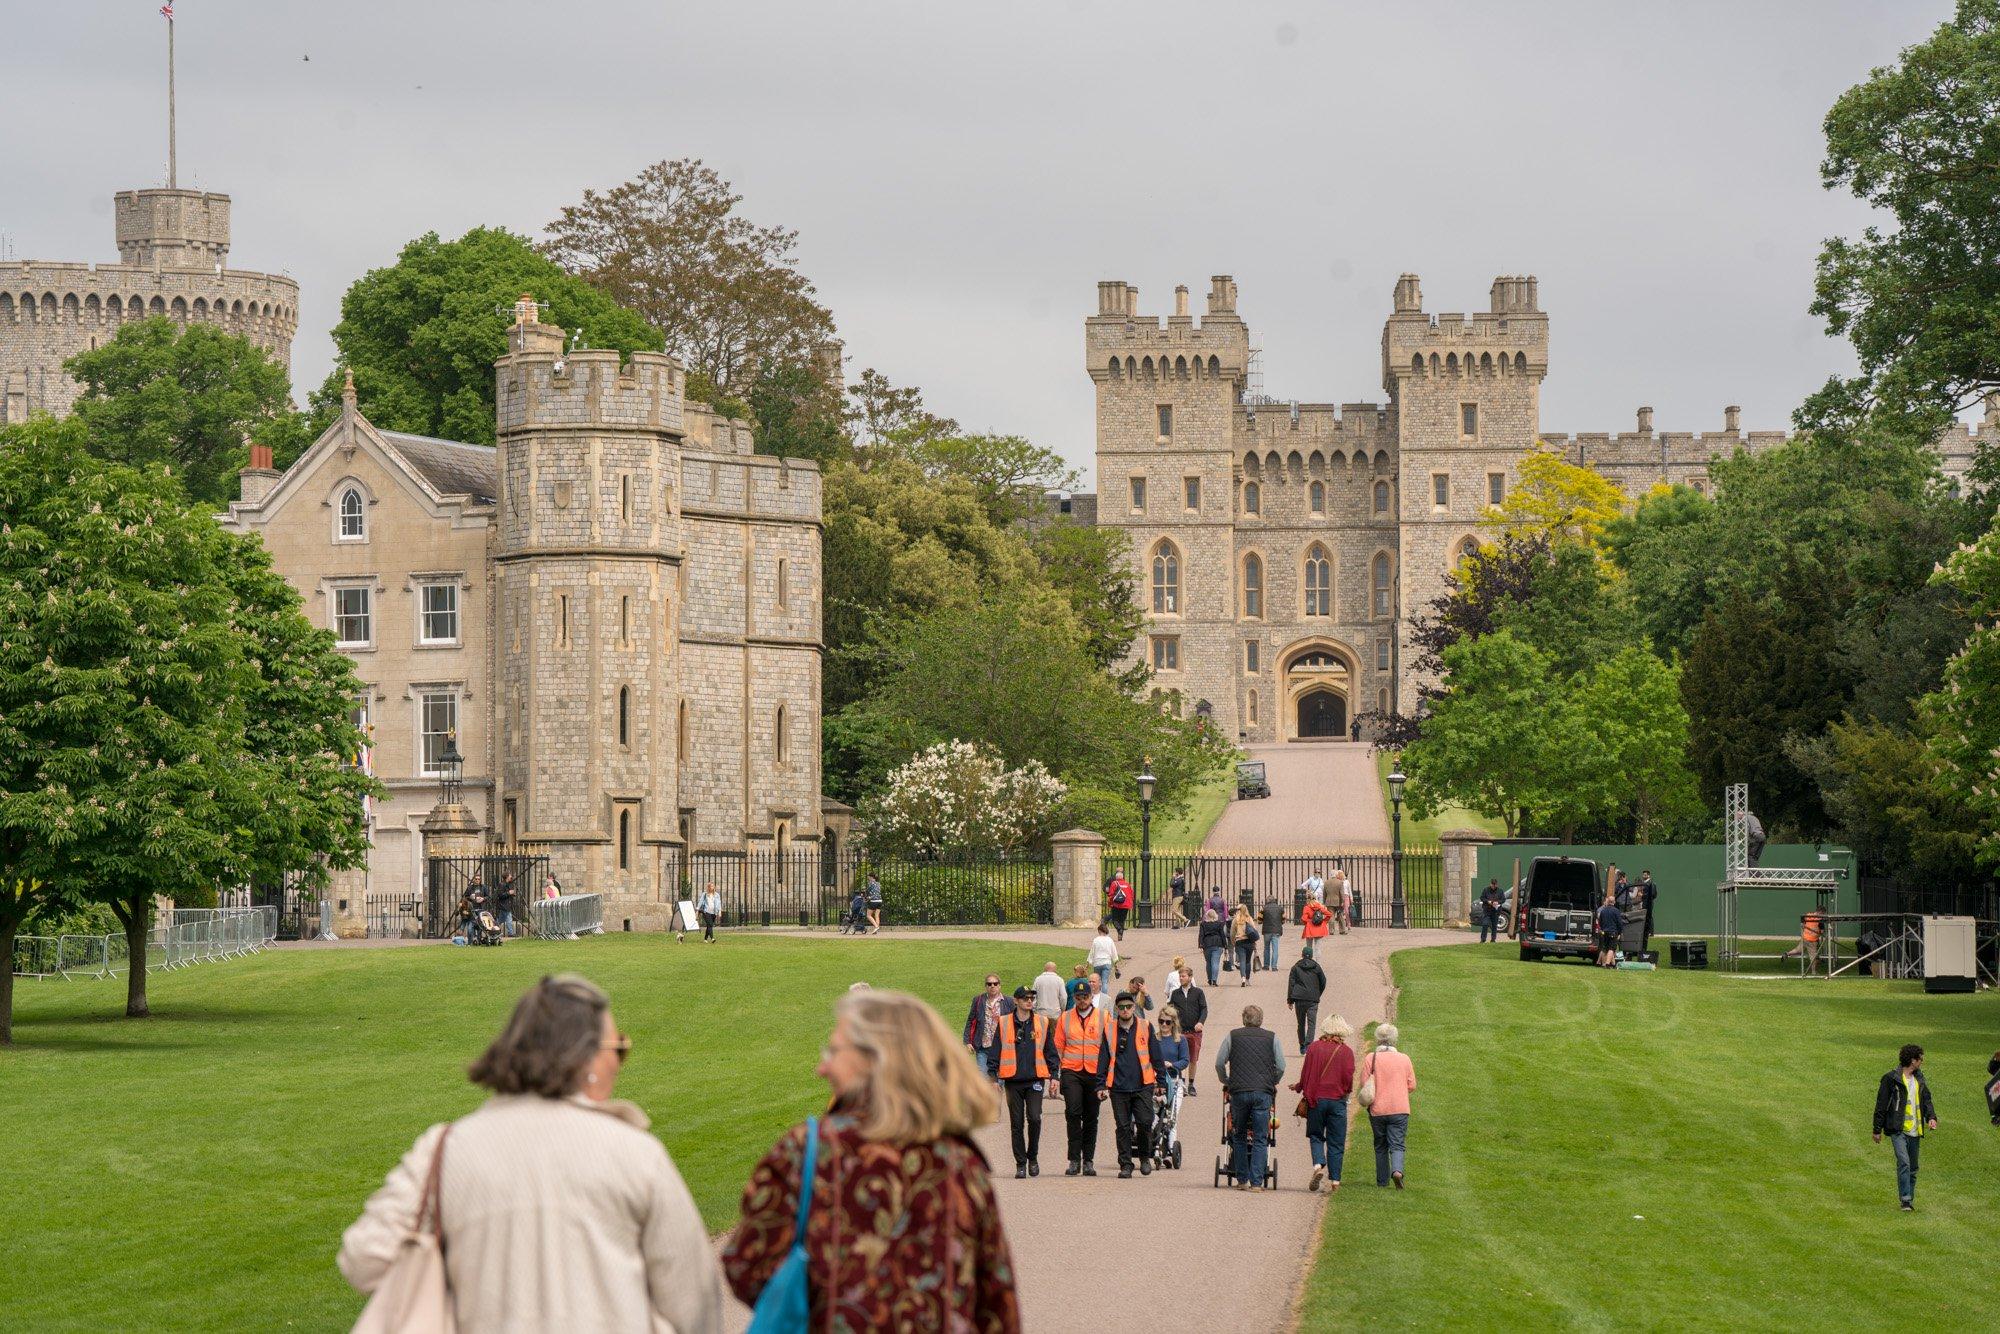 Who lives in Windsor castle?